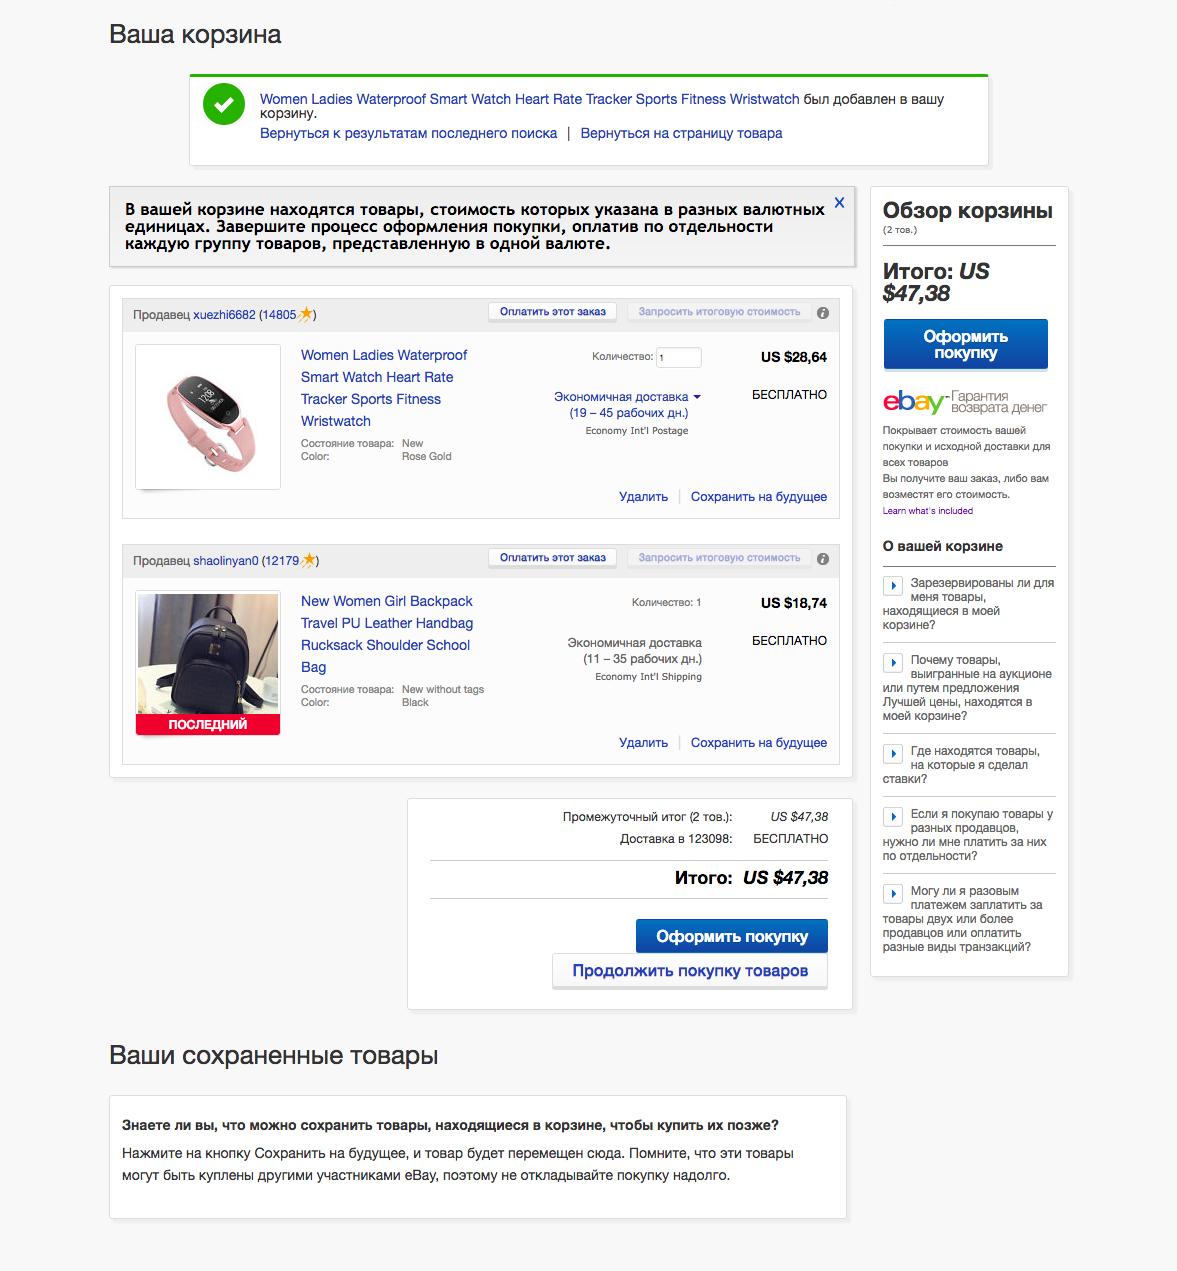 Ваша корзина eBay